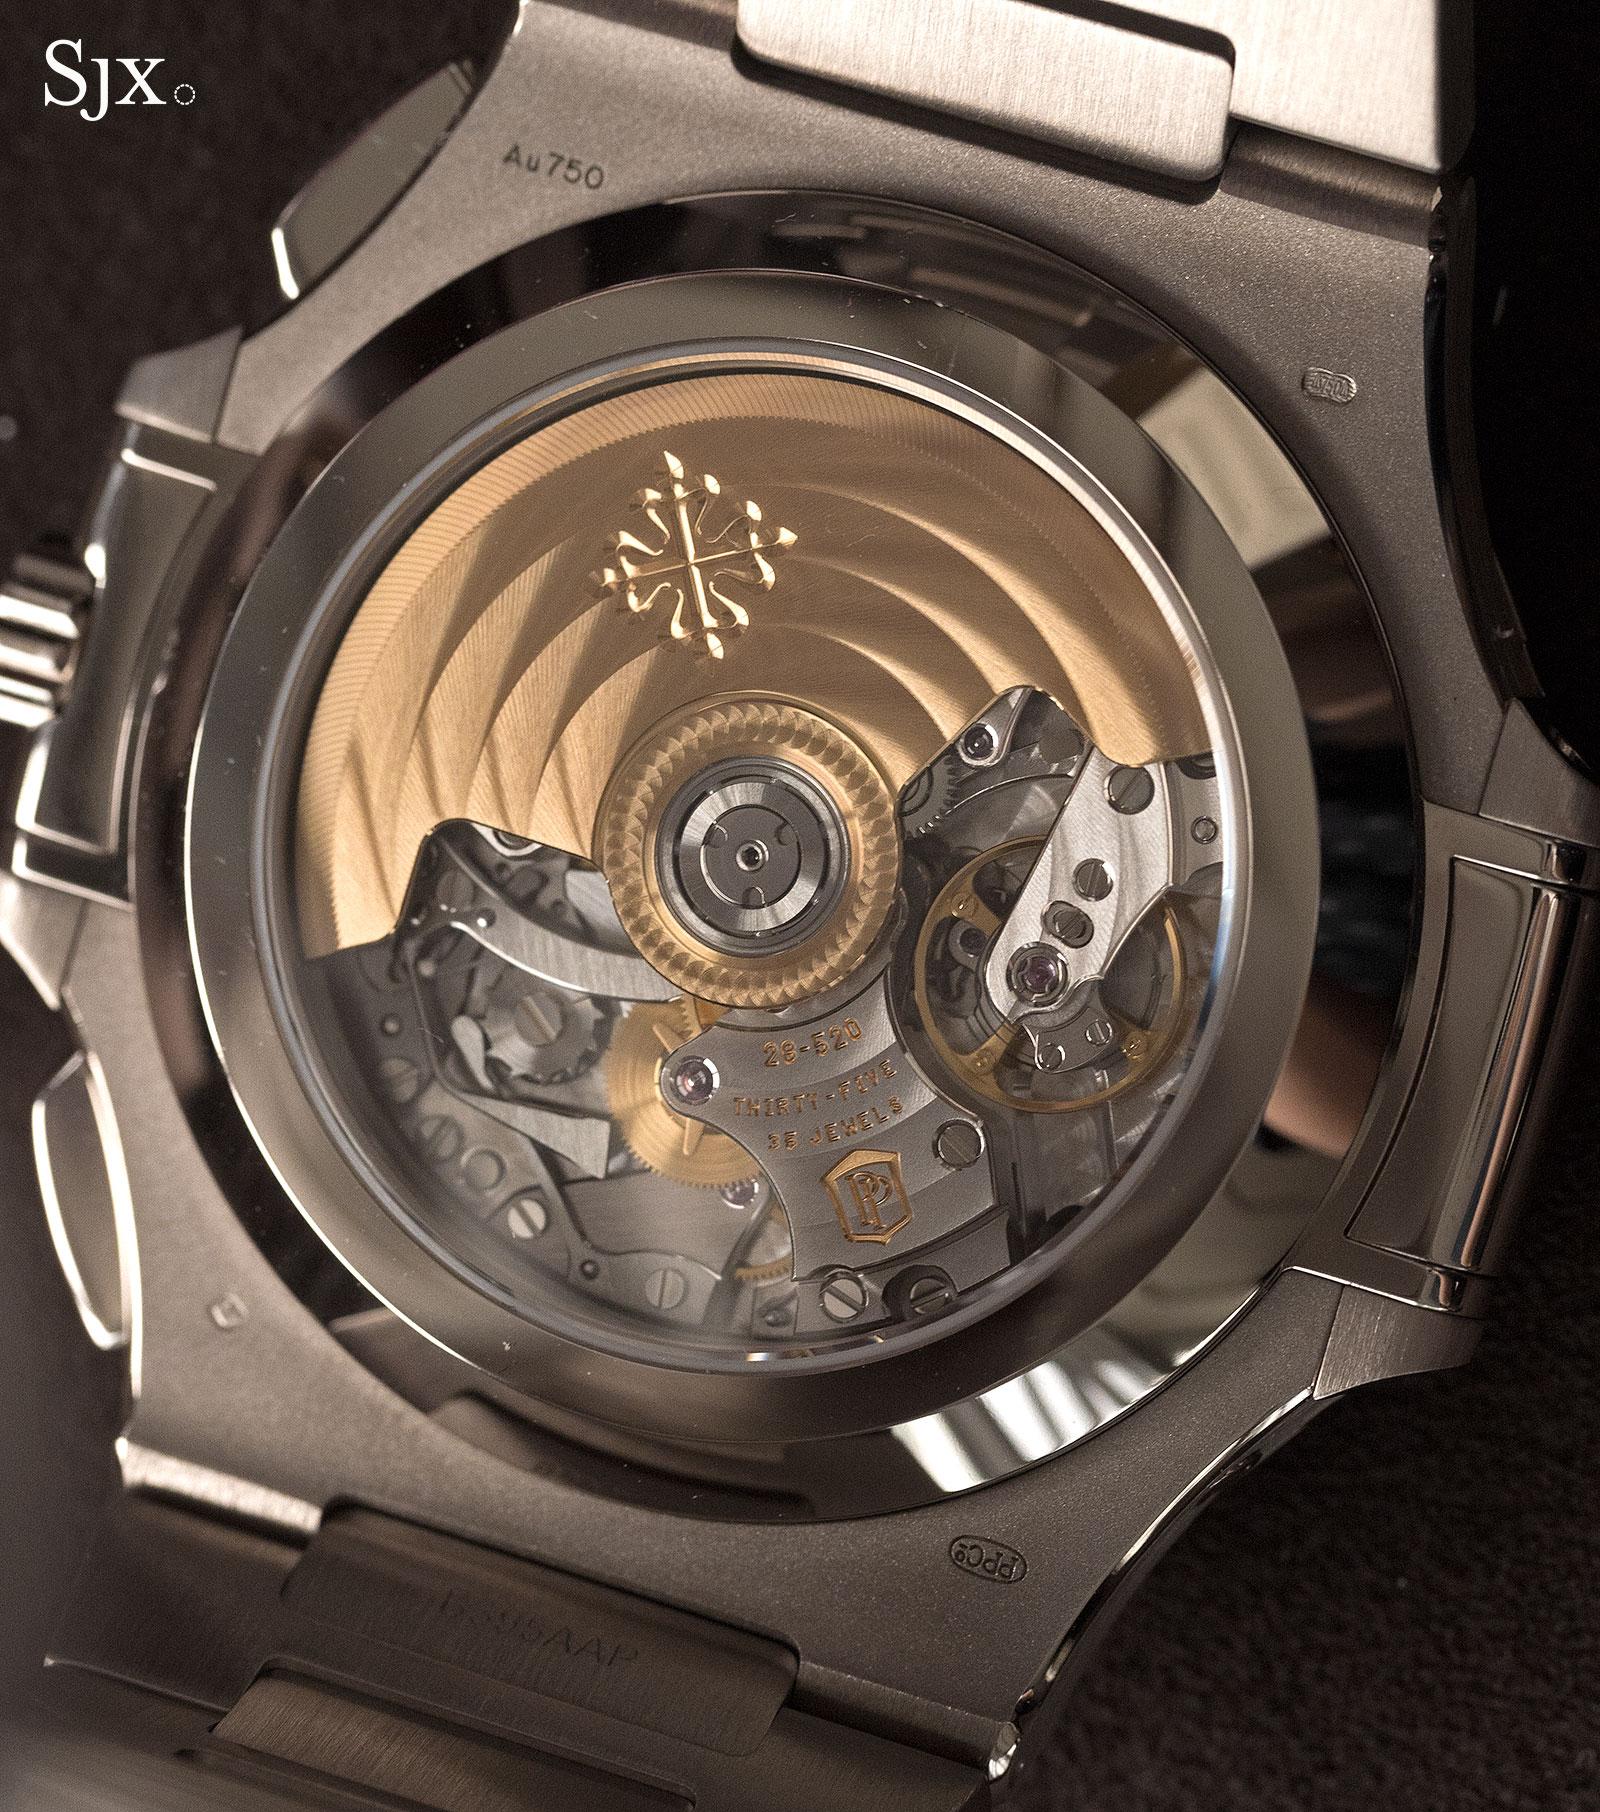 Patek Philippe Nautilus Chronograph Ref. 5976-1G 40th Anniversary 19